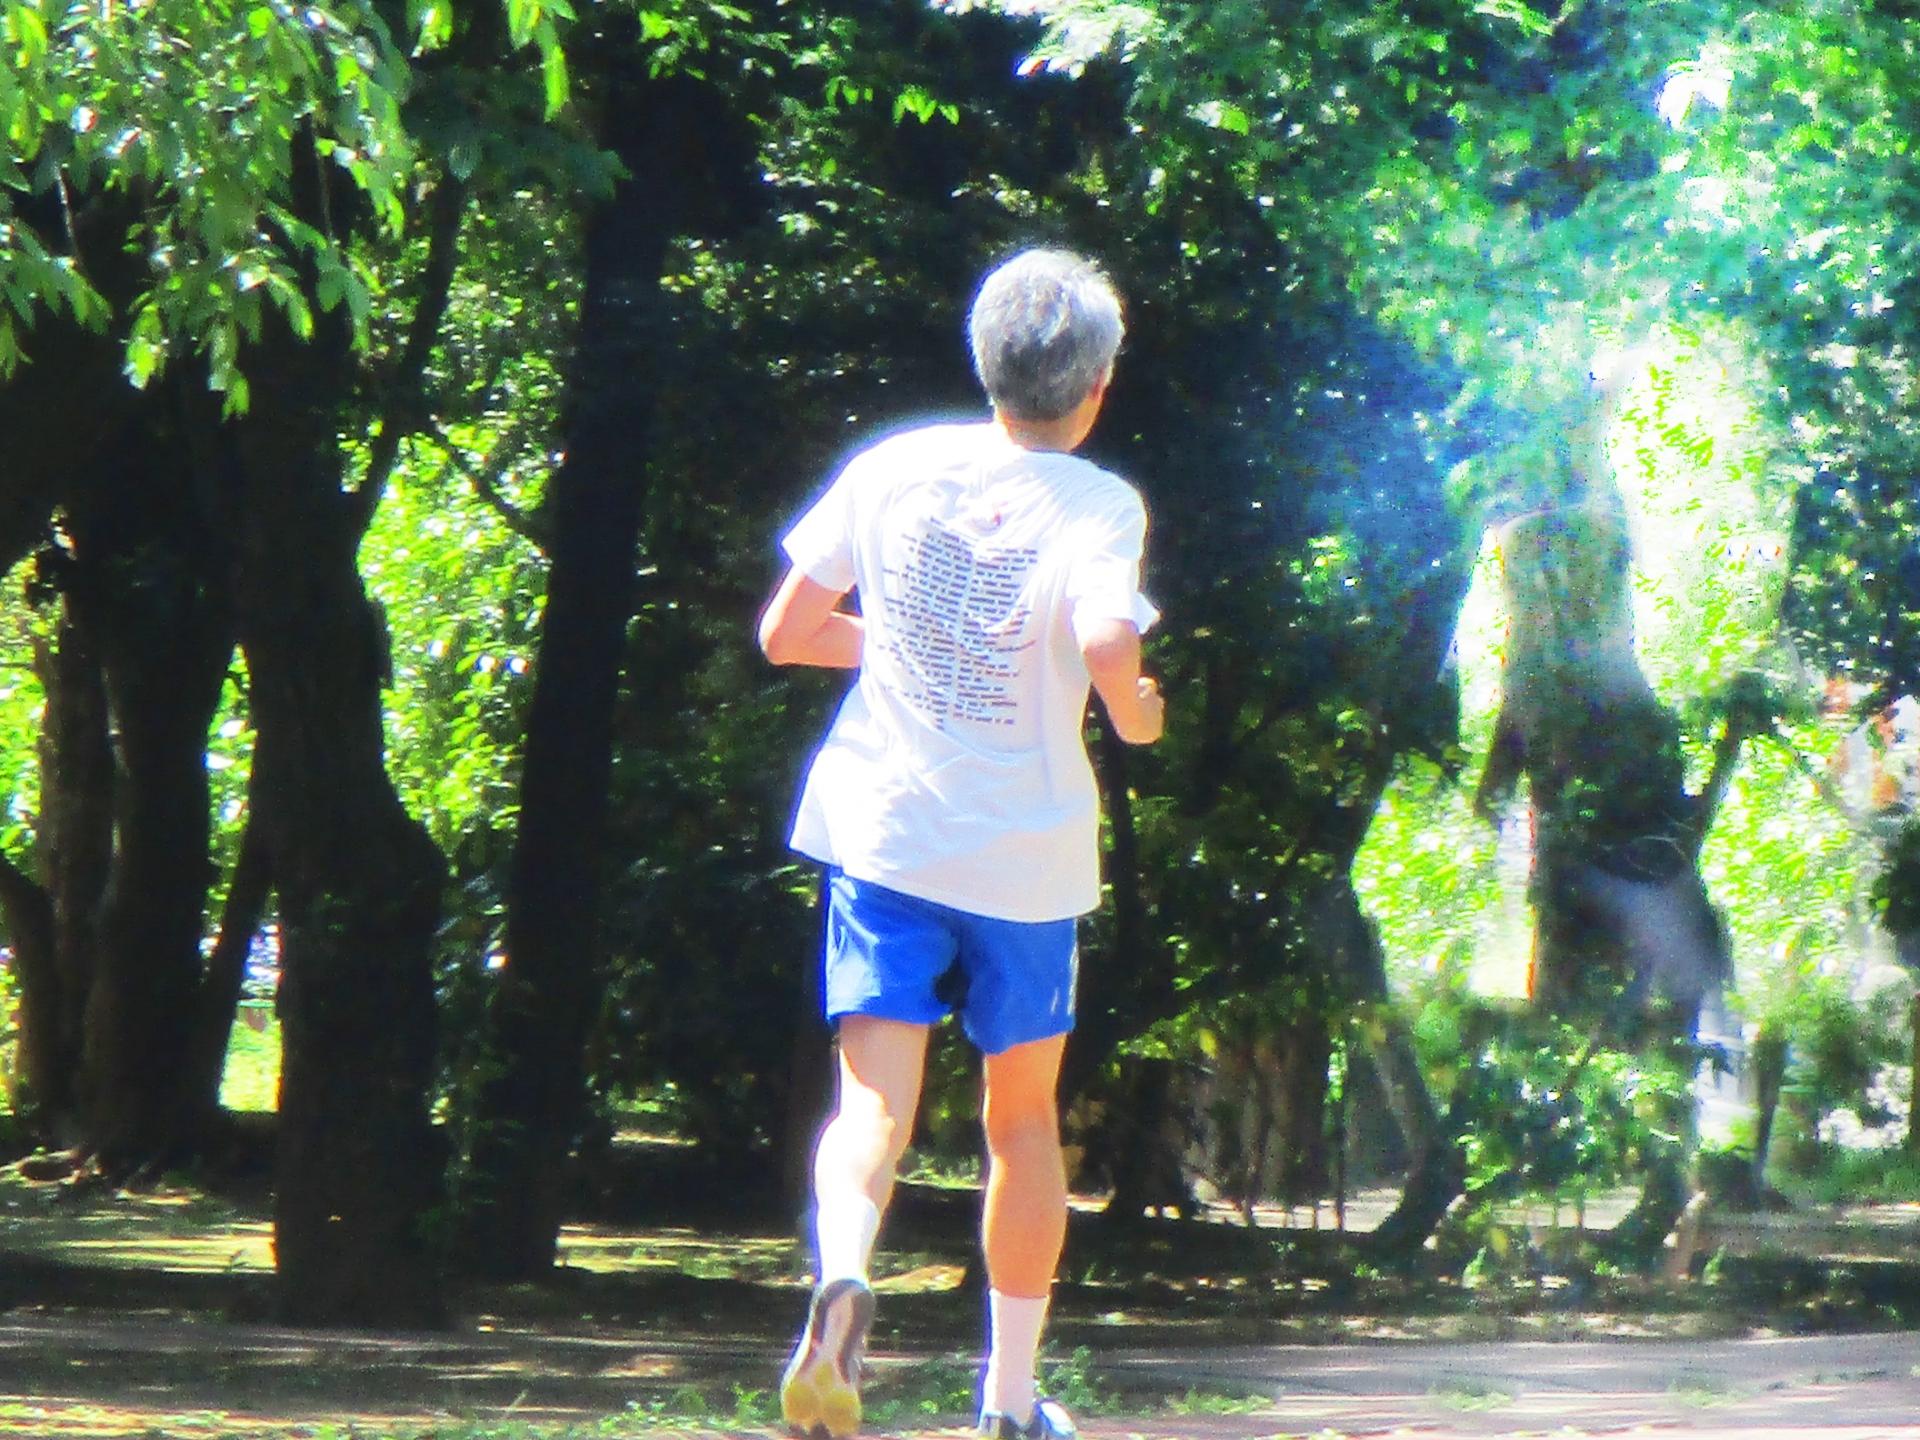 マラソンをする年齢の限界は?自身の年齢を考えてみる